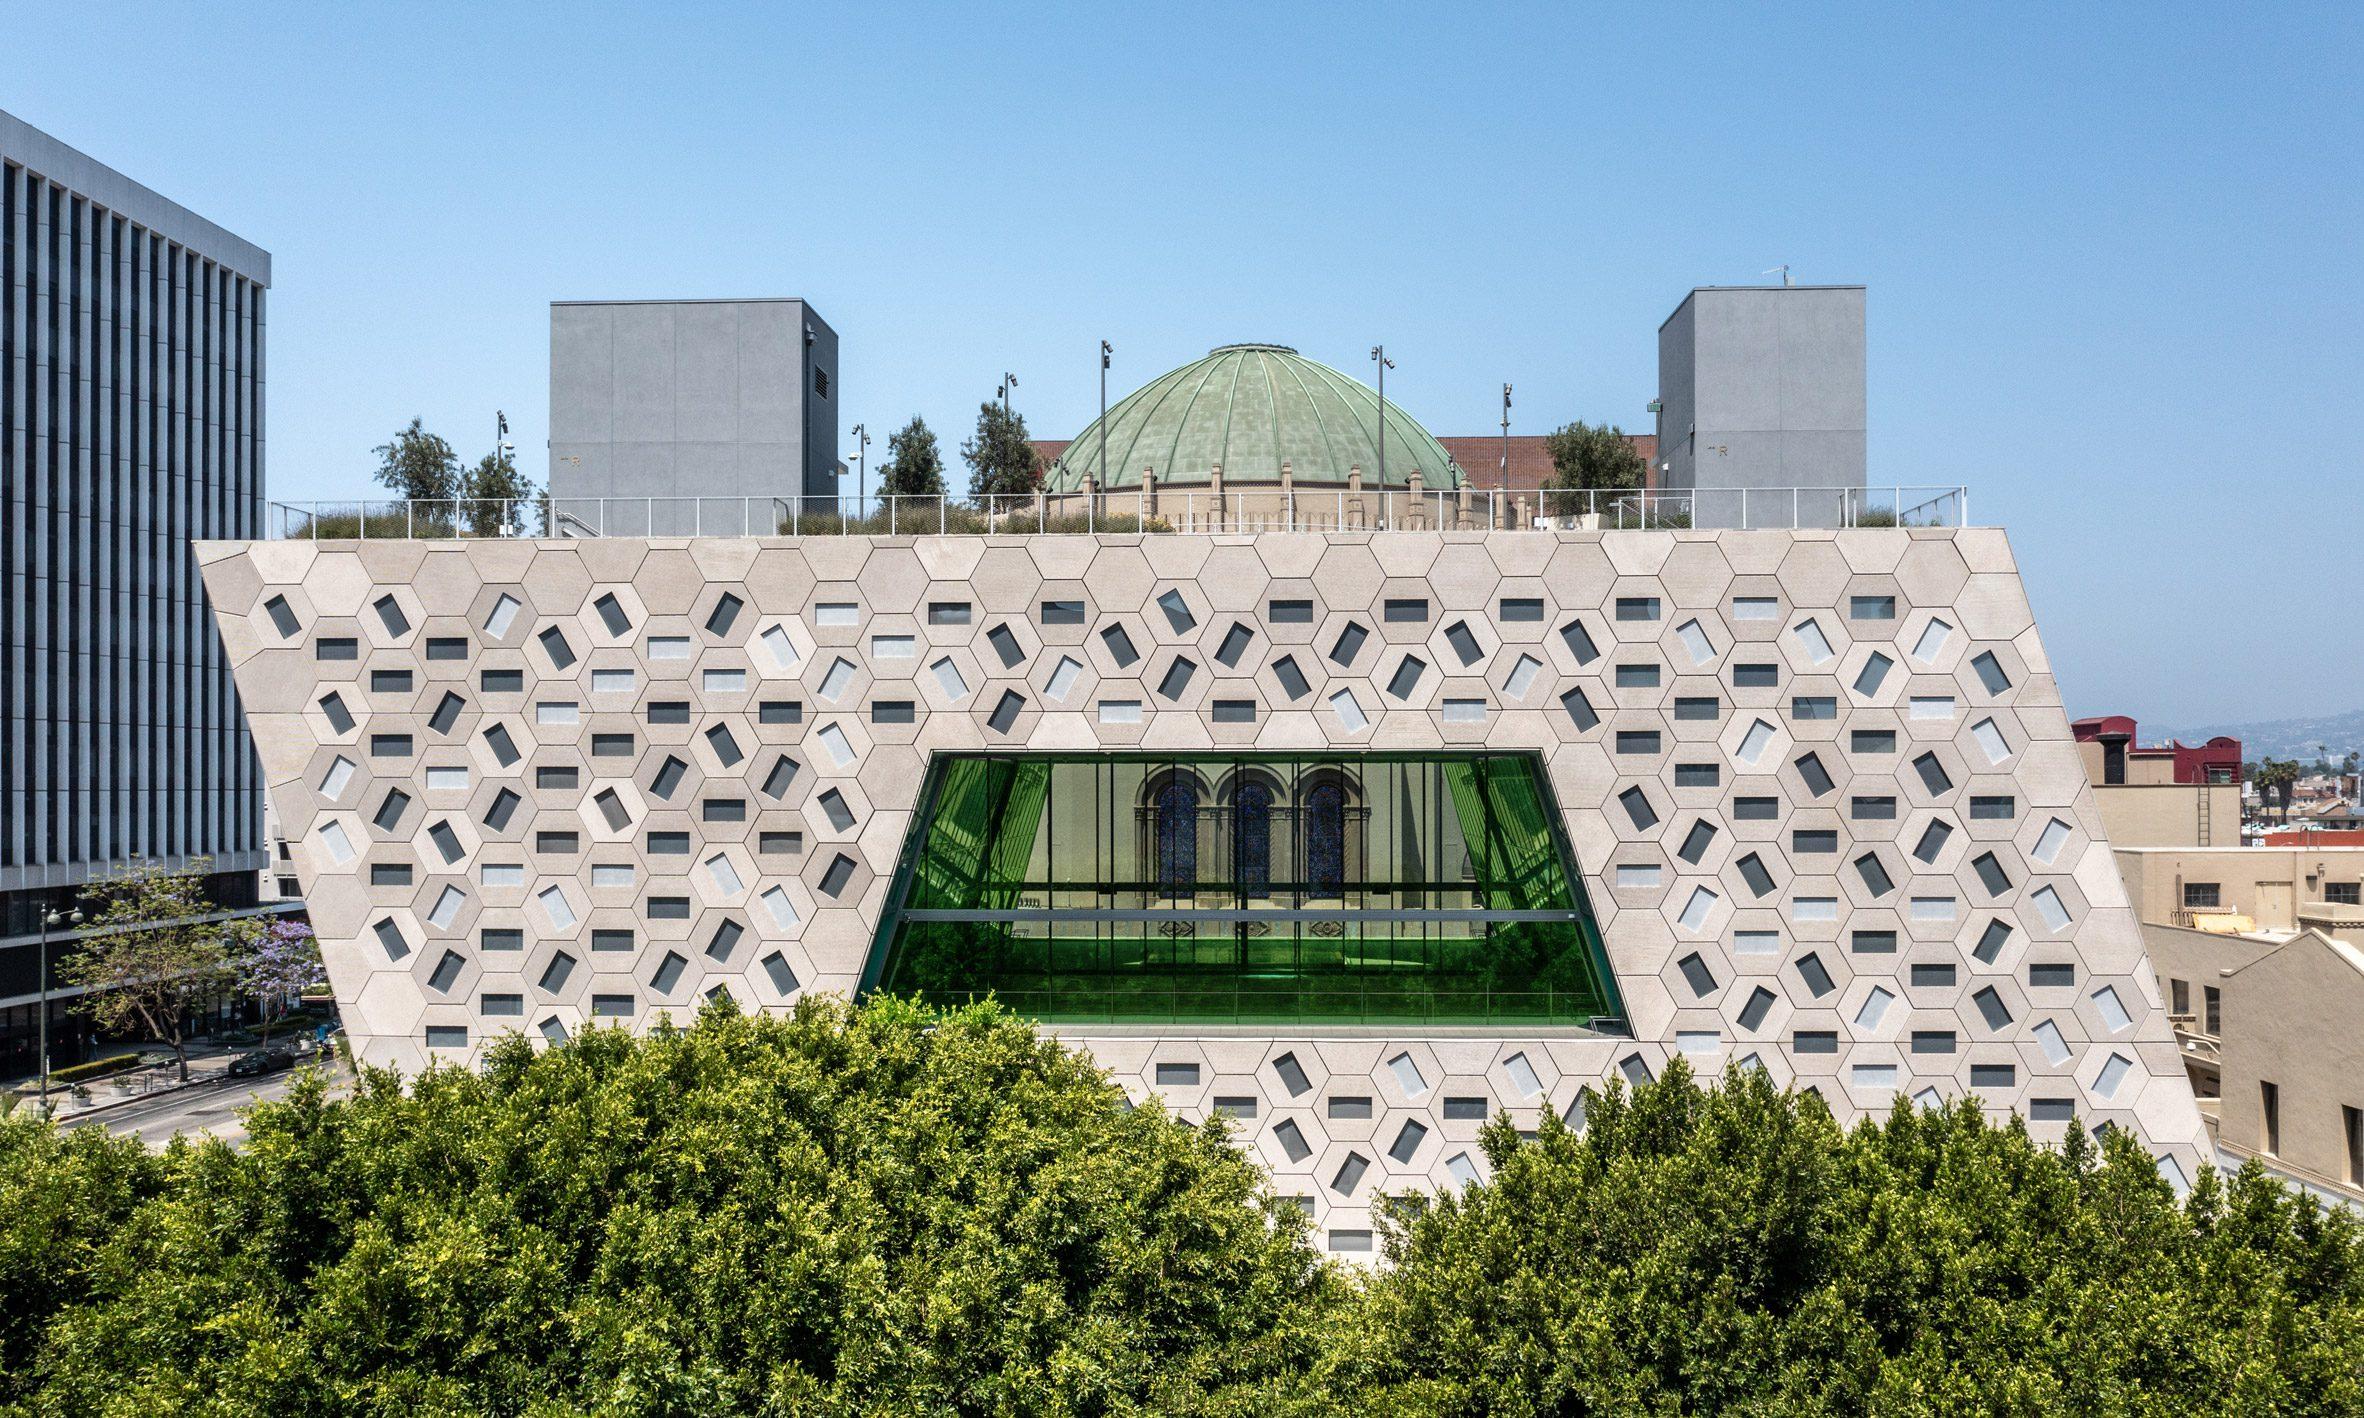 Hexagonal tiles covering the building's facades